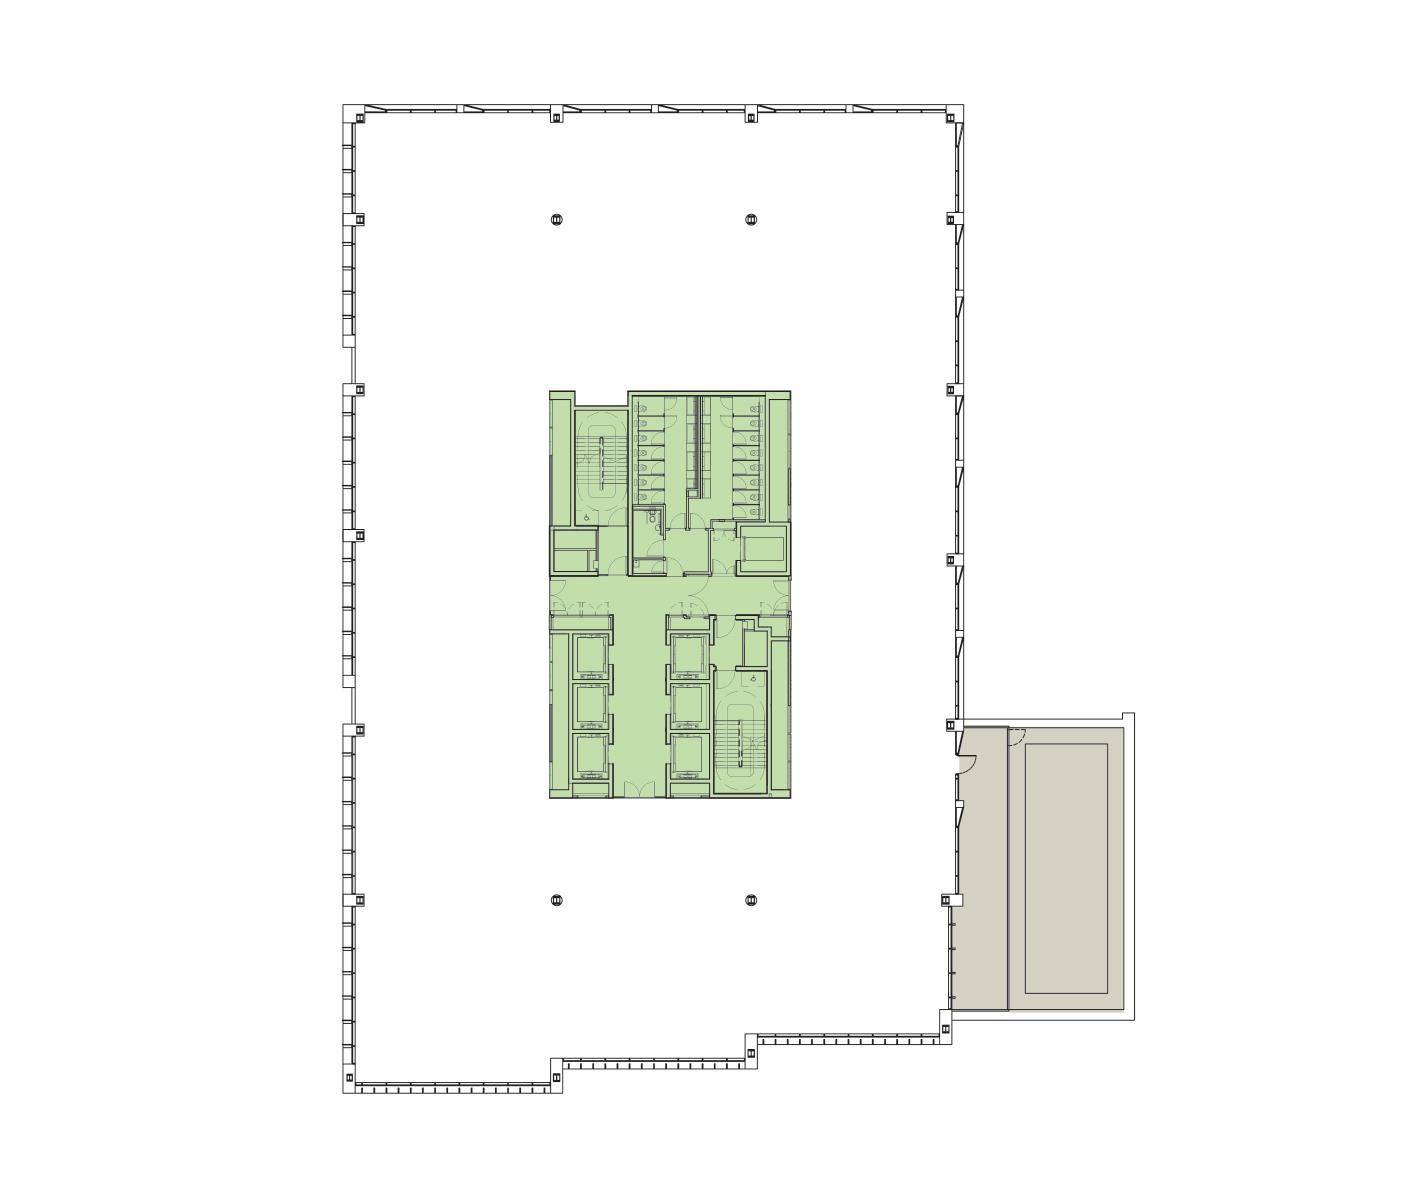 Sixth Floor Schematic